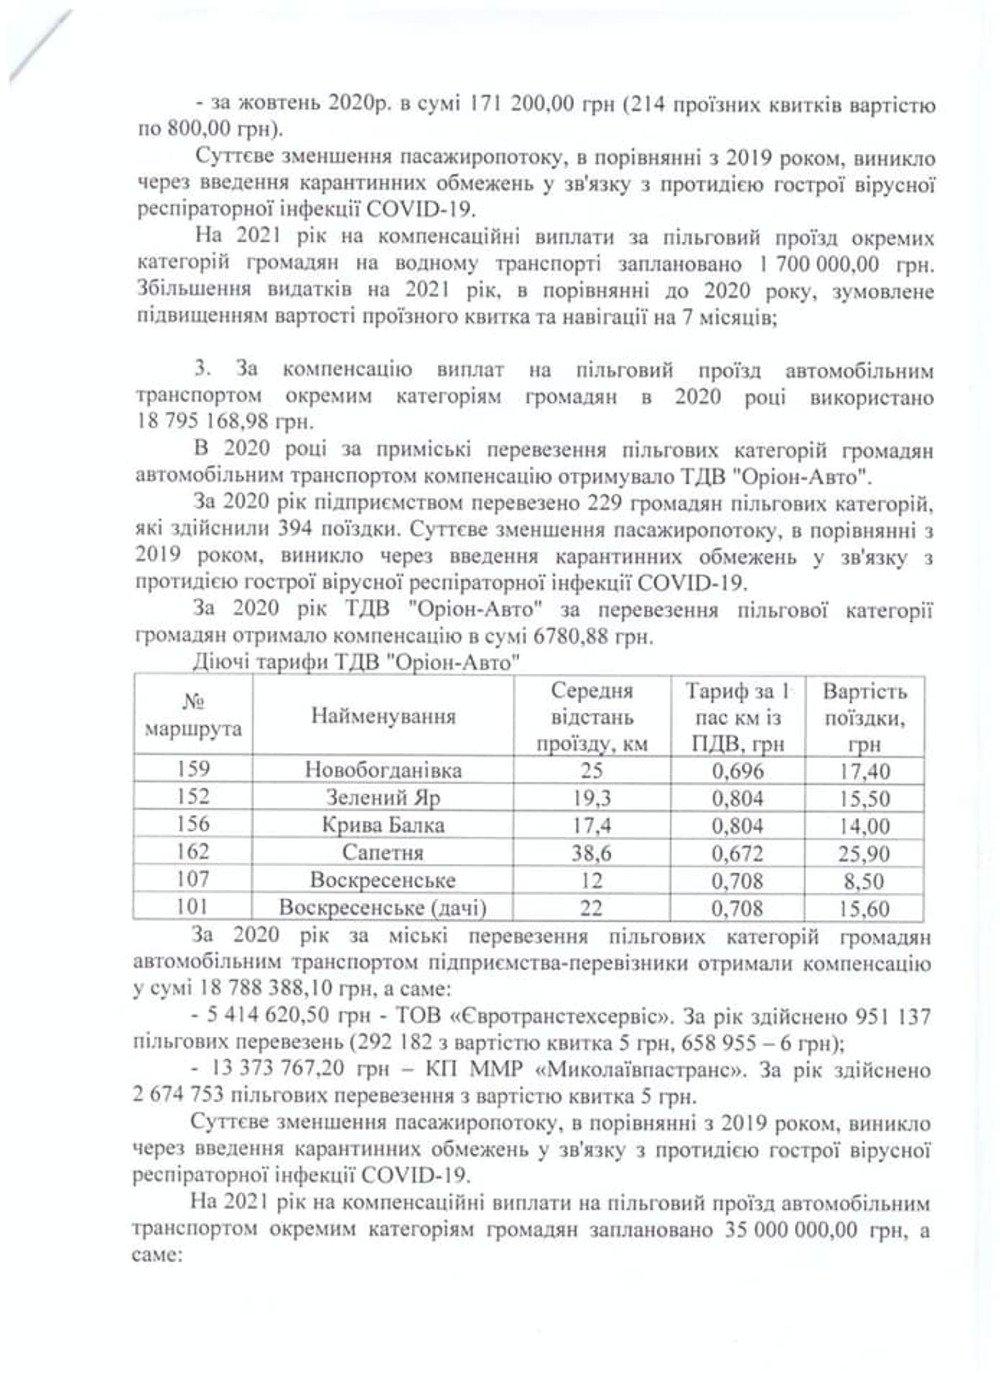 Ответ на запрос о сумме на перевозку льготников в Николаеве, Сколько в Николаеве выделено на перевозку льготников